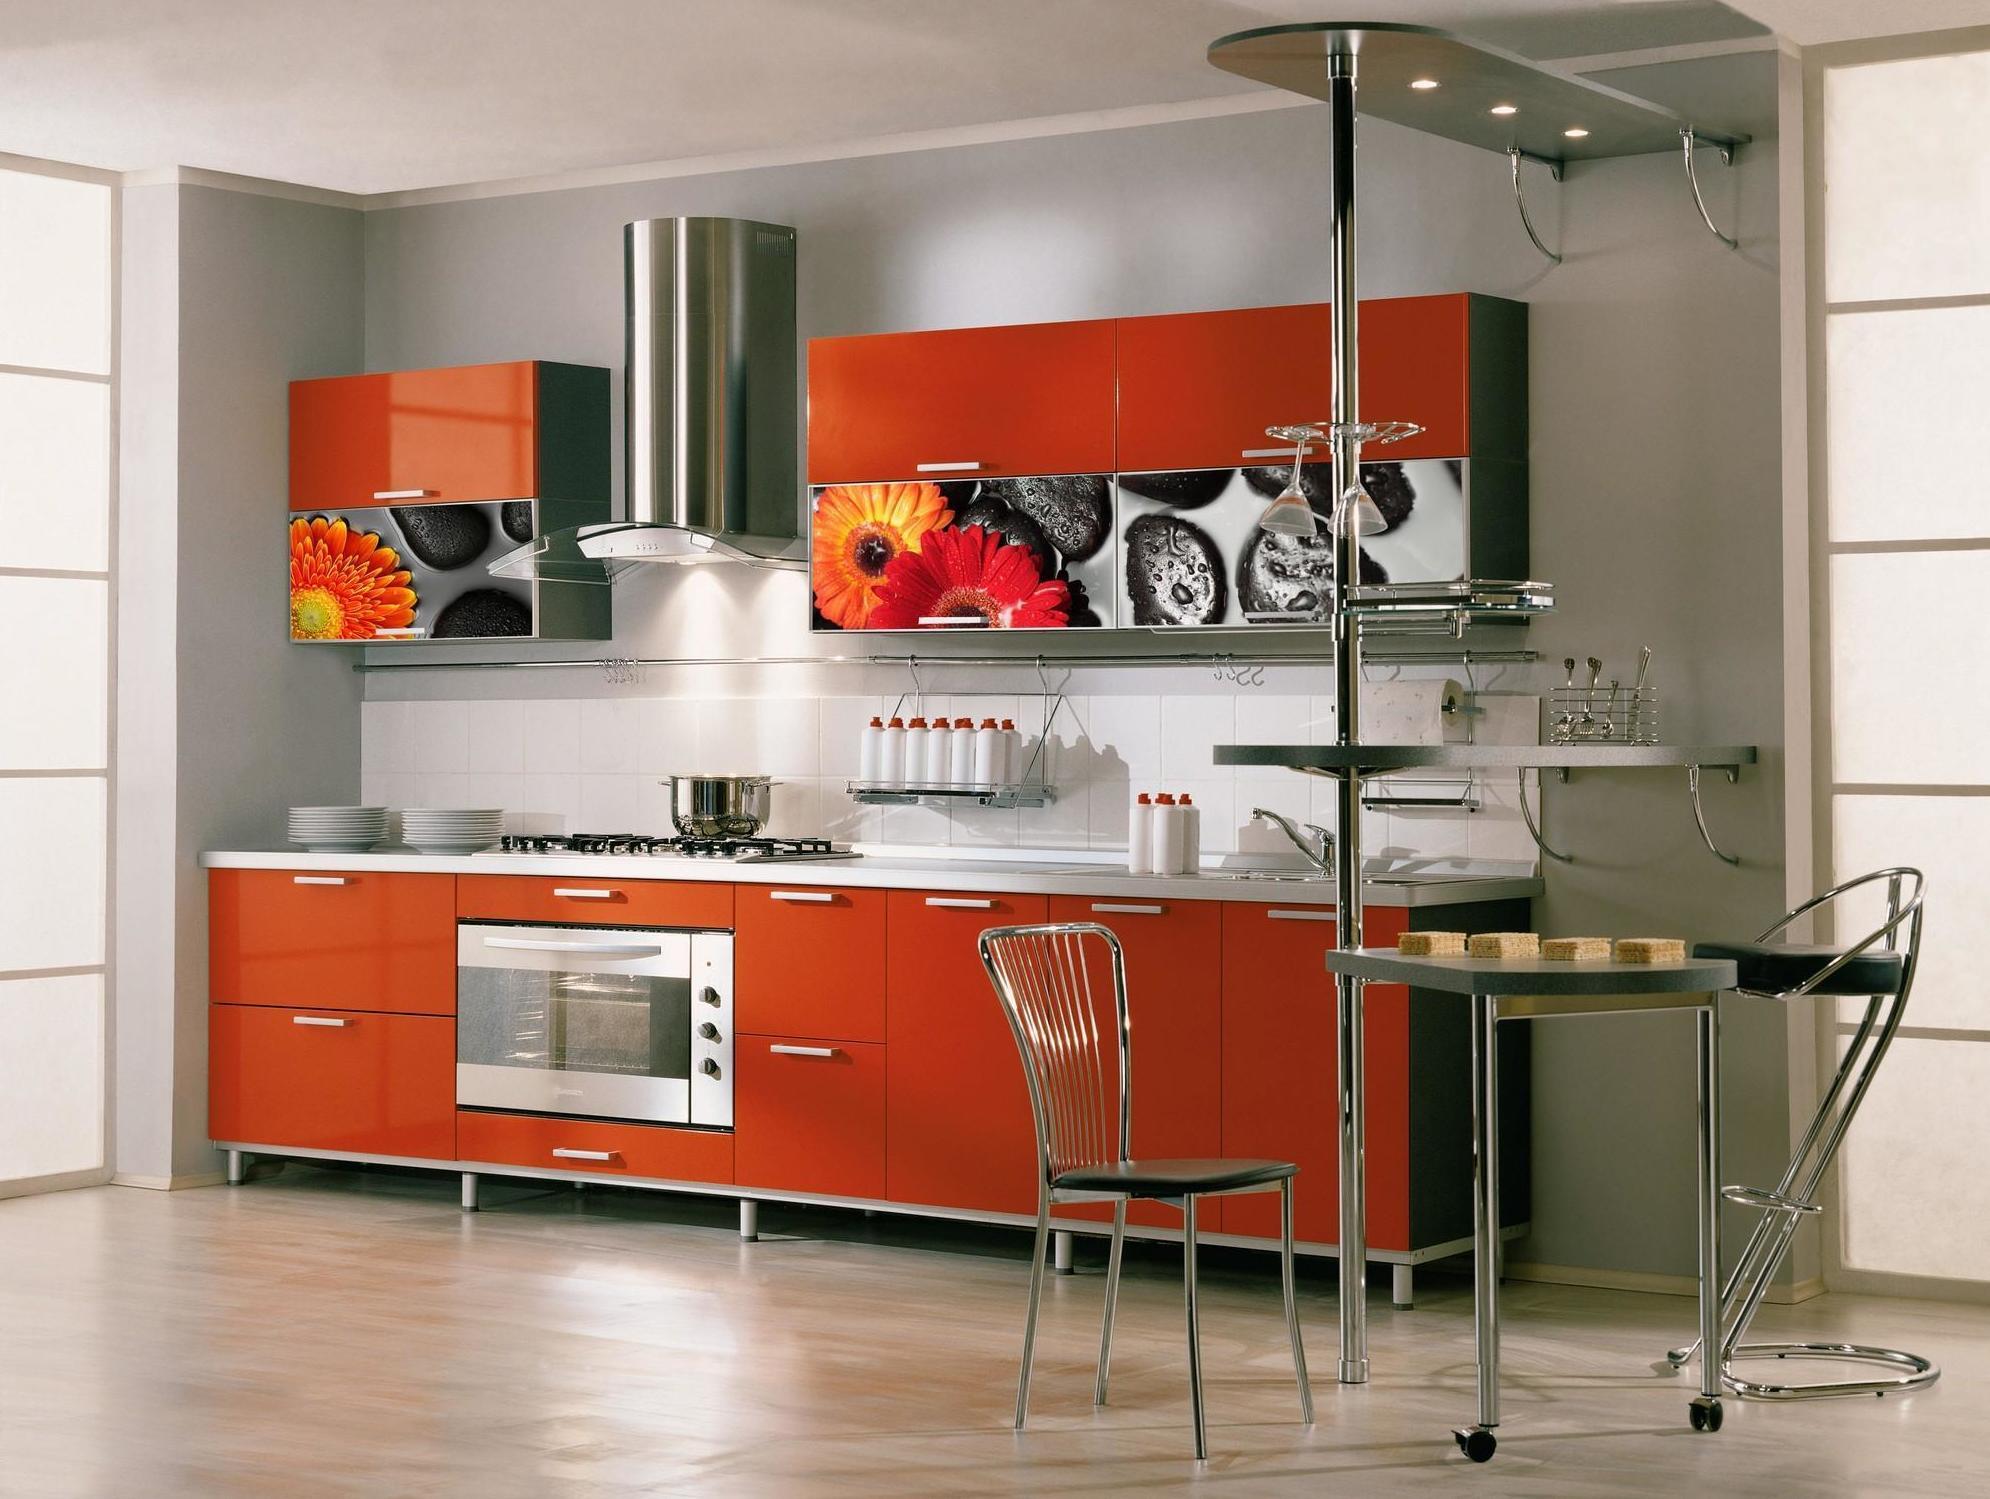 Cristales Decorados Para Cocinas Simple Coloca Vajilla Blanca De  # Muebles De Cocina Kiwi